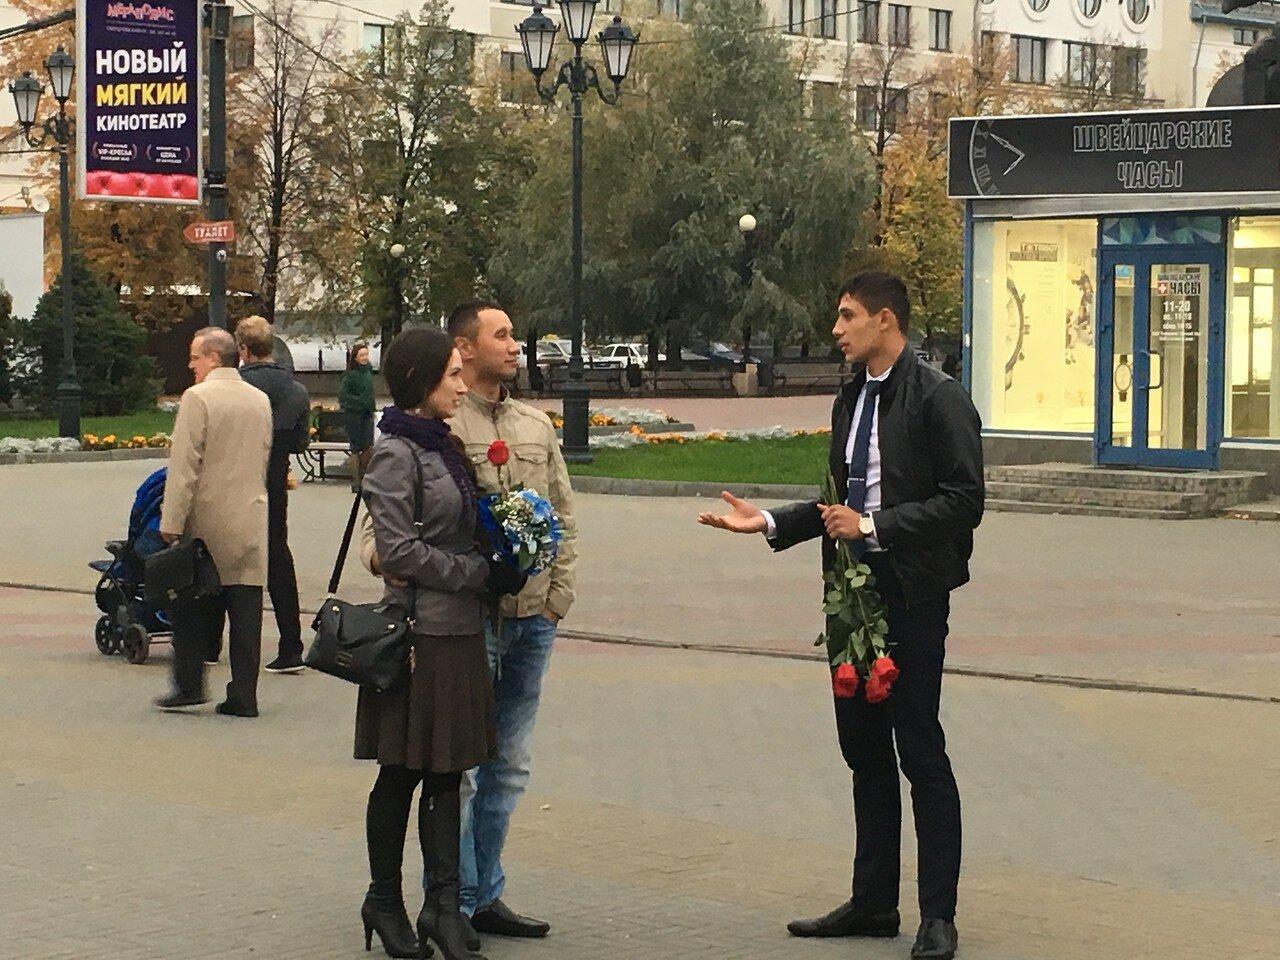 Возьмите цветы. В Челябинске примеряют новый вид мошенничества